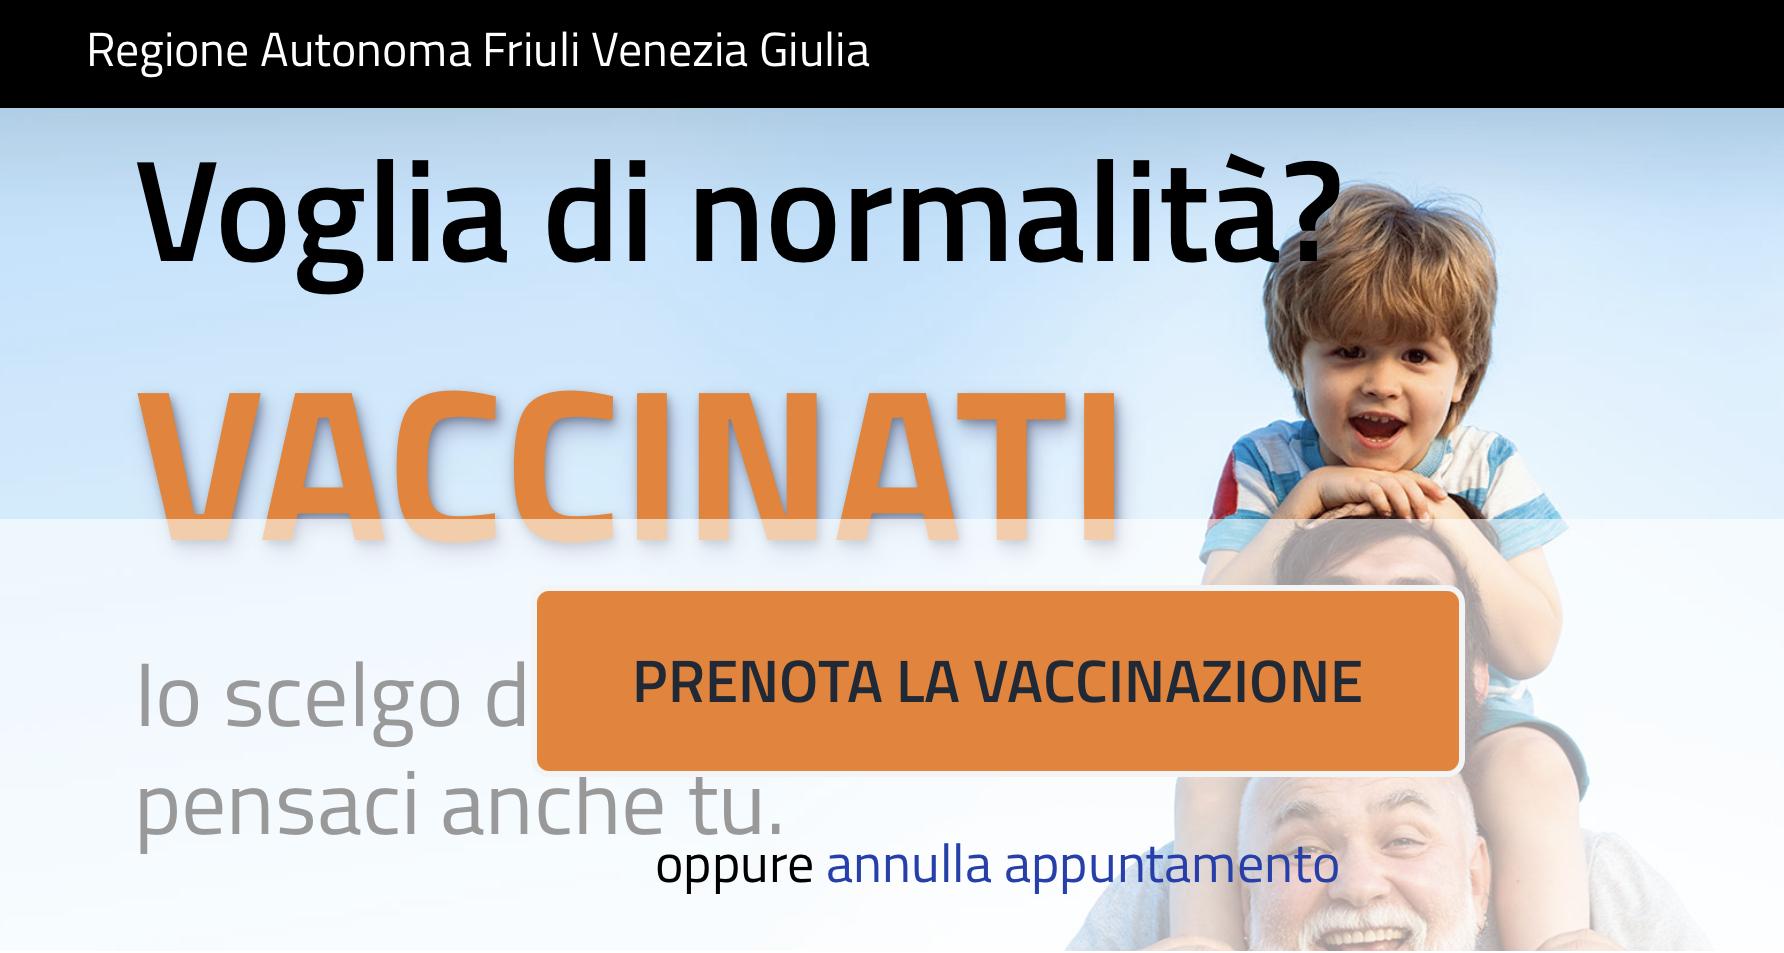 Vaccino: in 48 ore oltre 1.600 prenotazioni da webapp